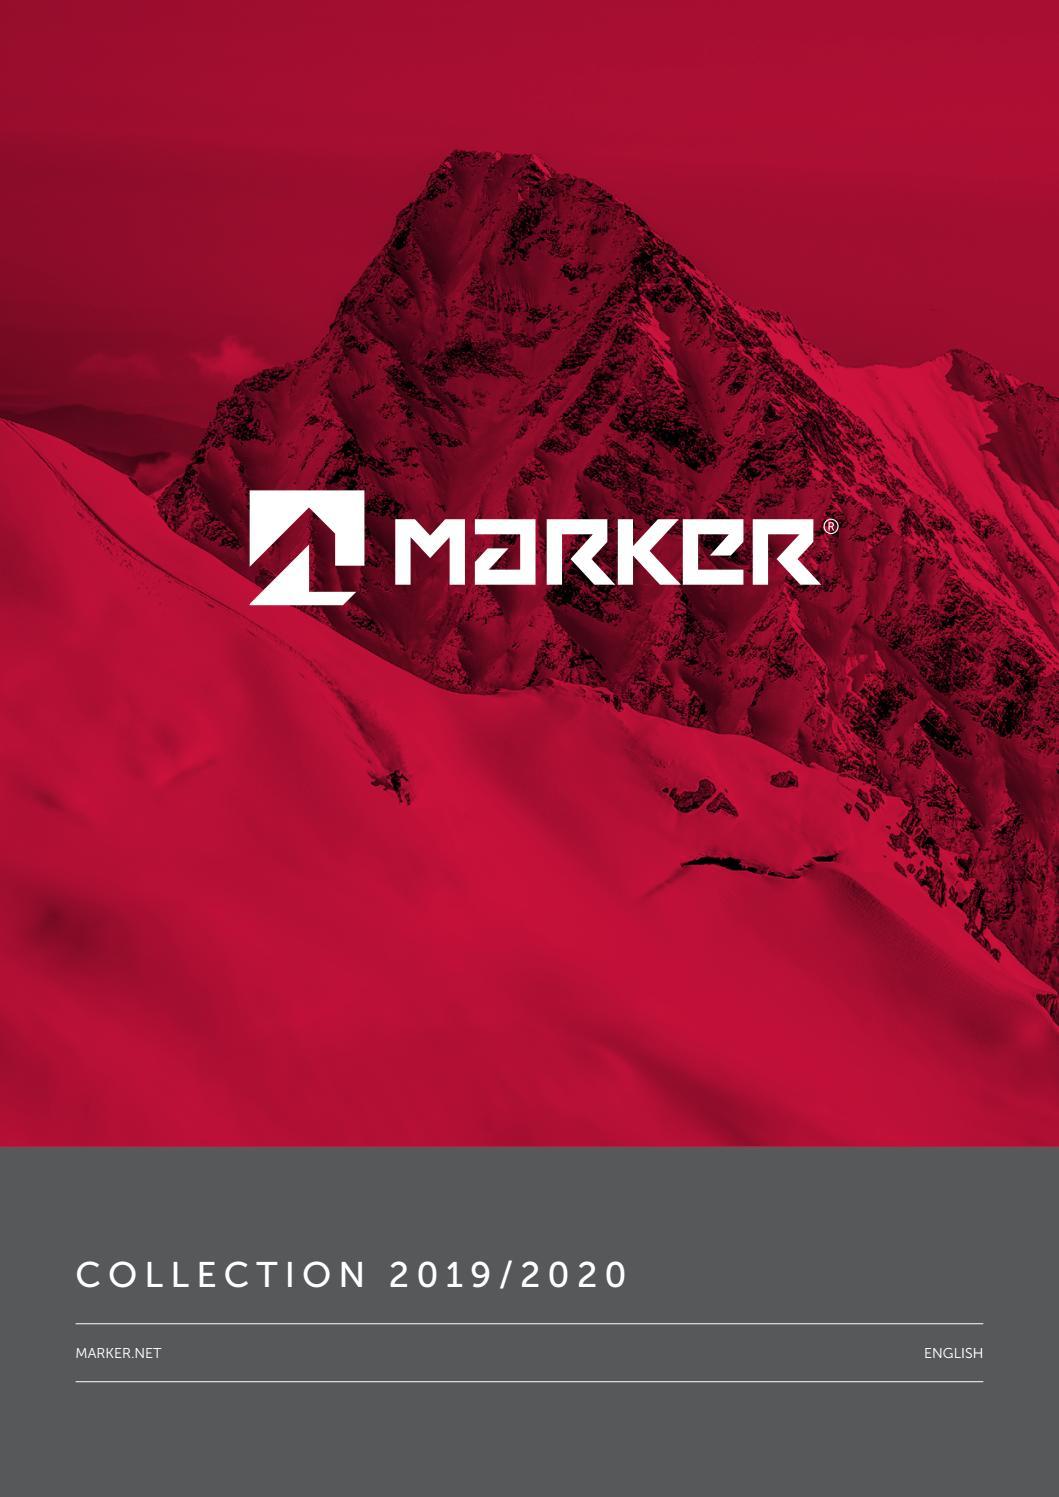 Katalog Marker 20192020 gogle, kaski, akcesoria i